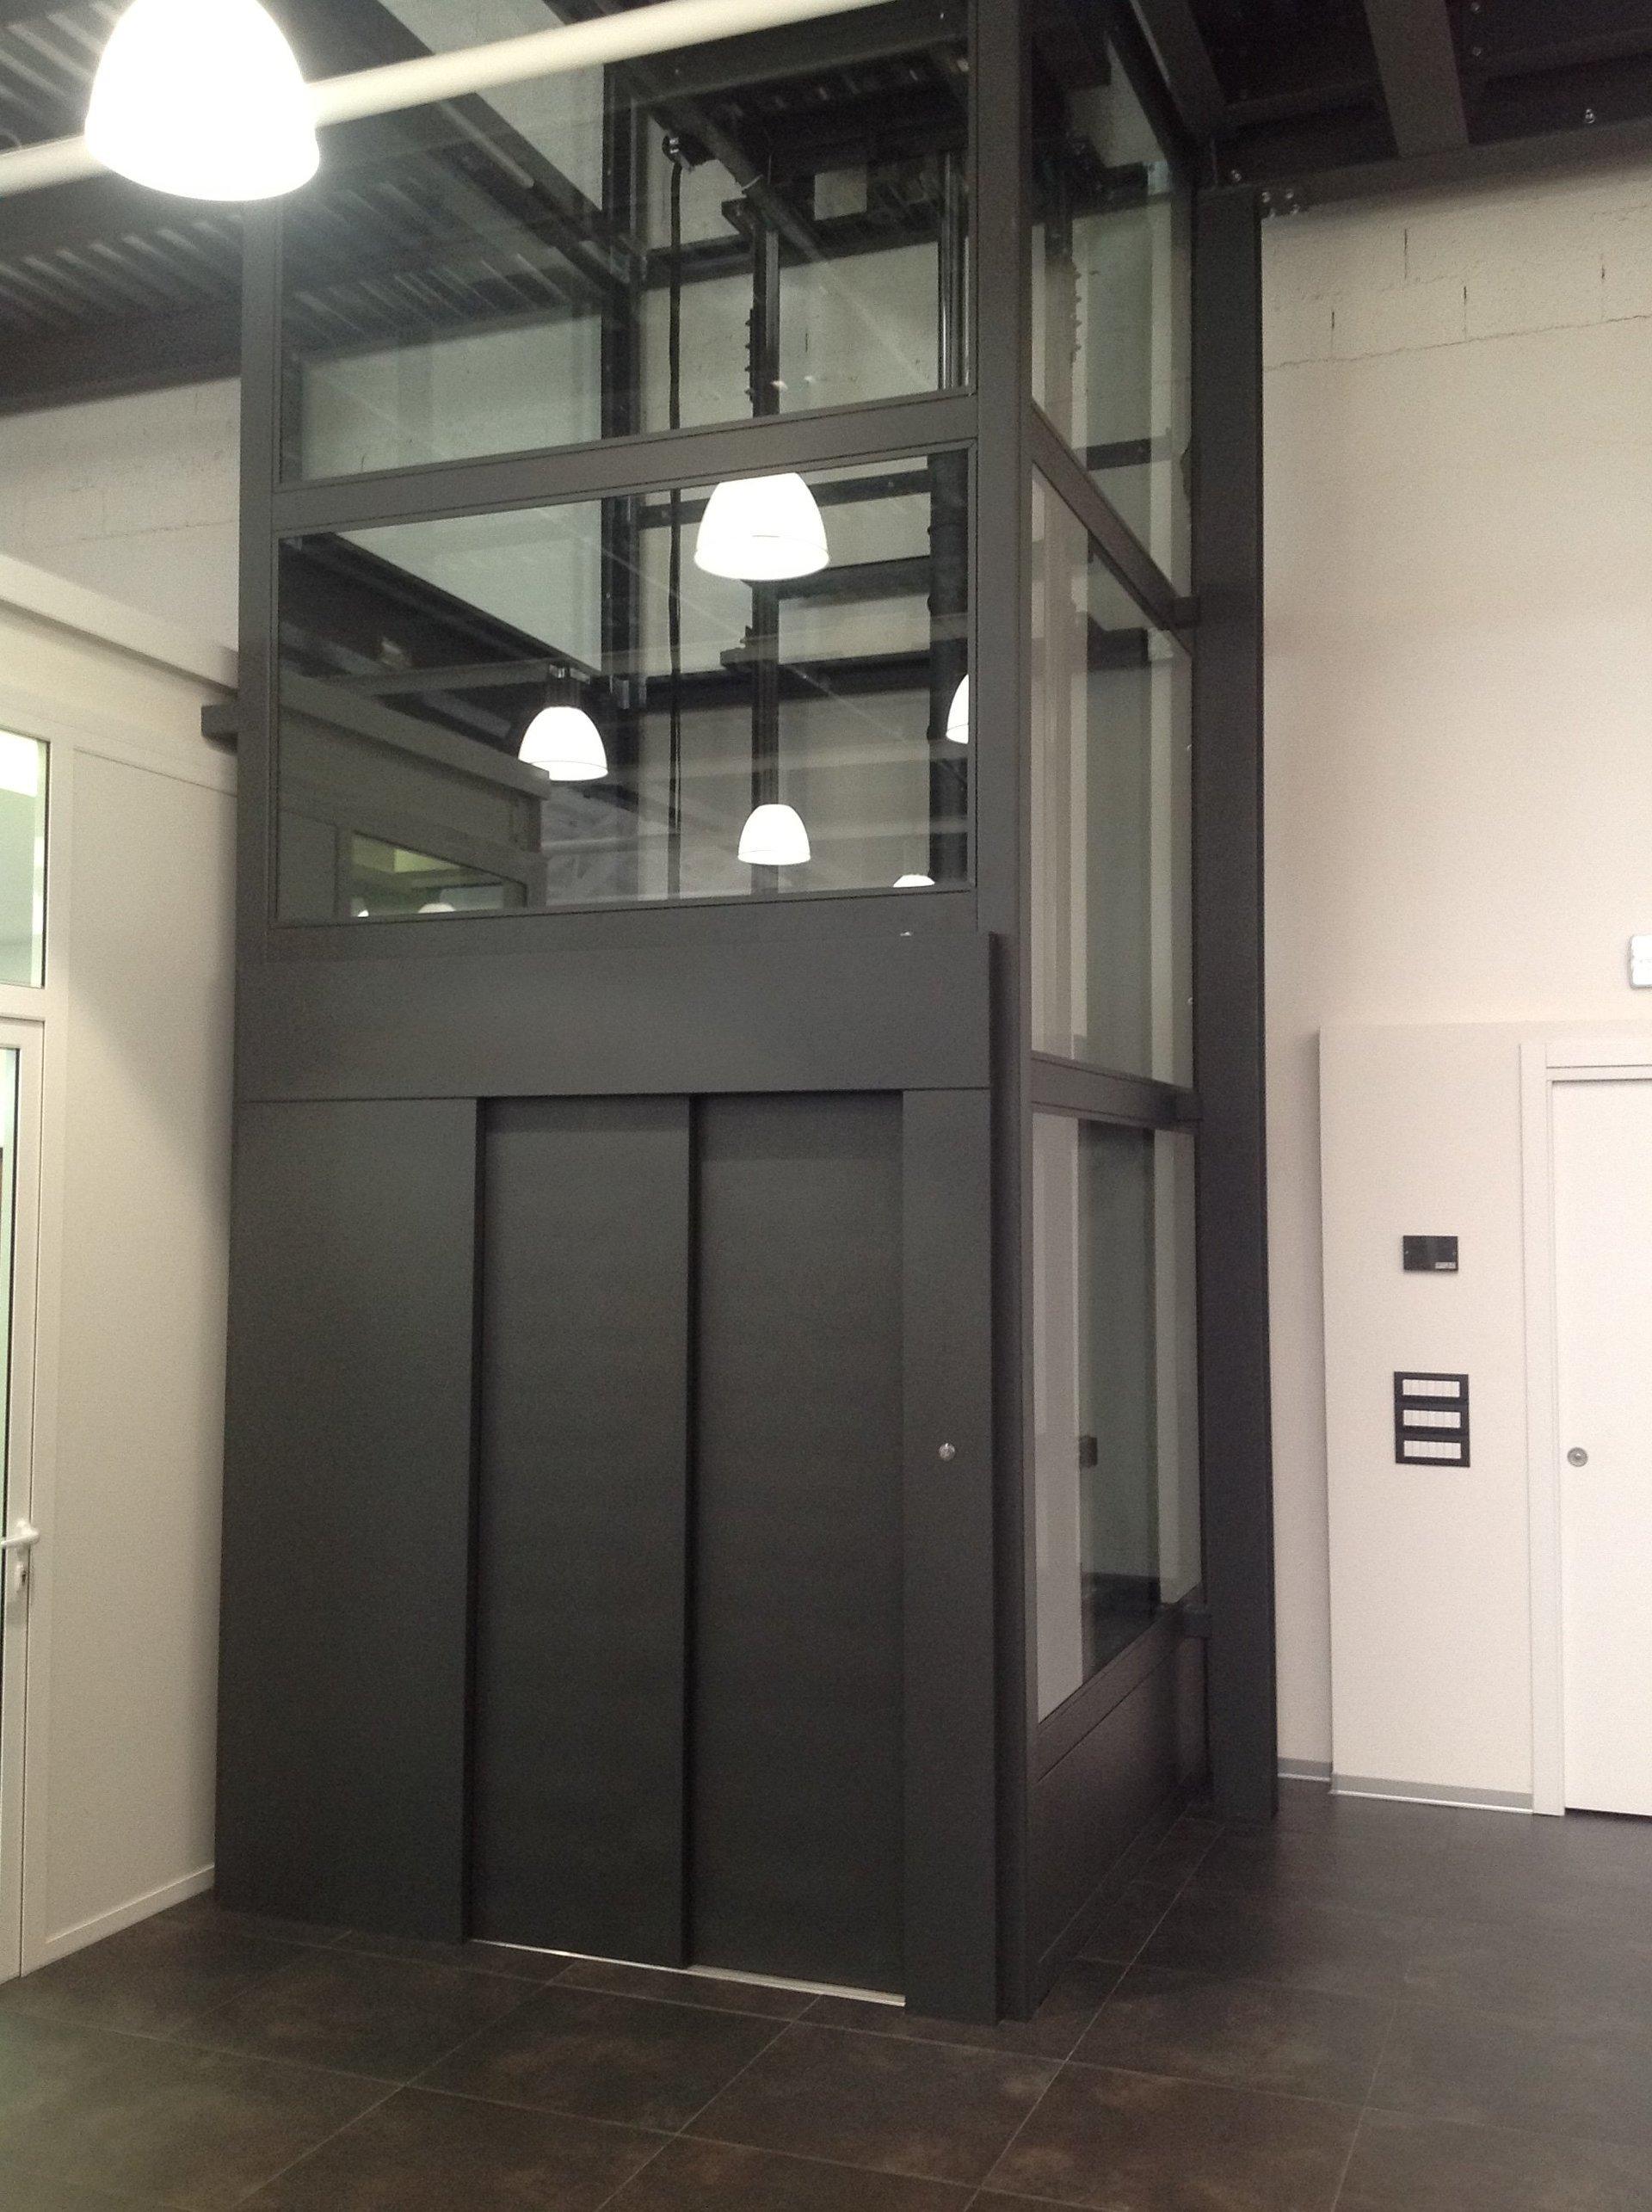 ascensore per interni